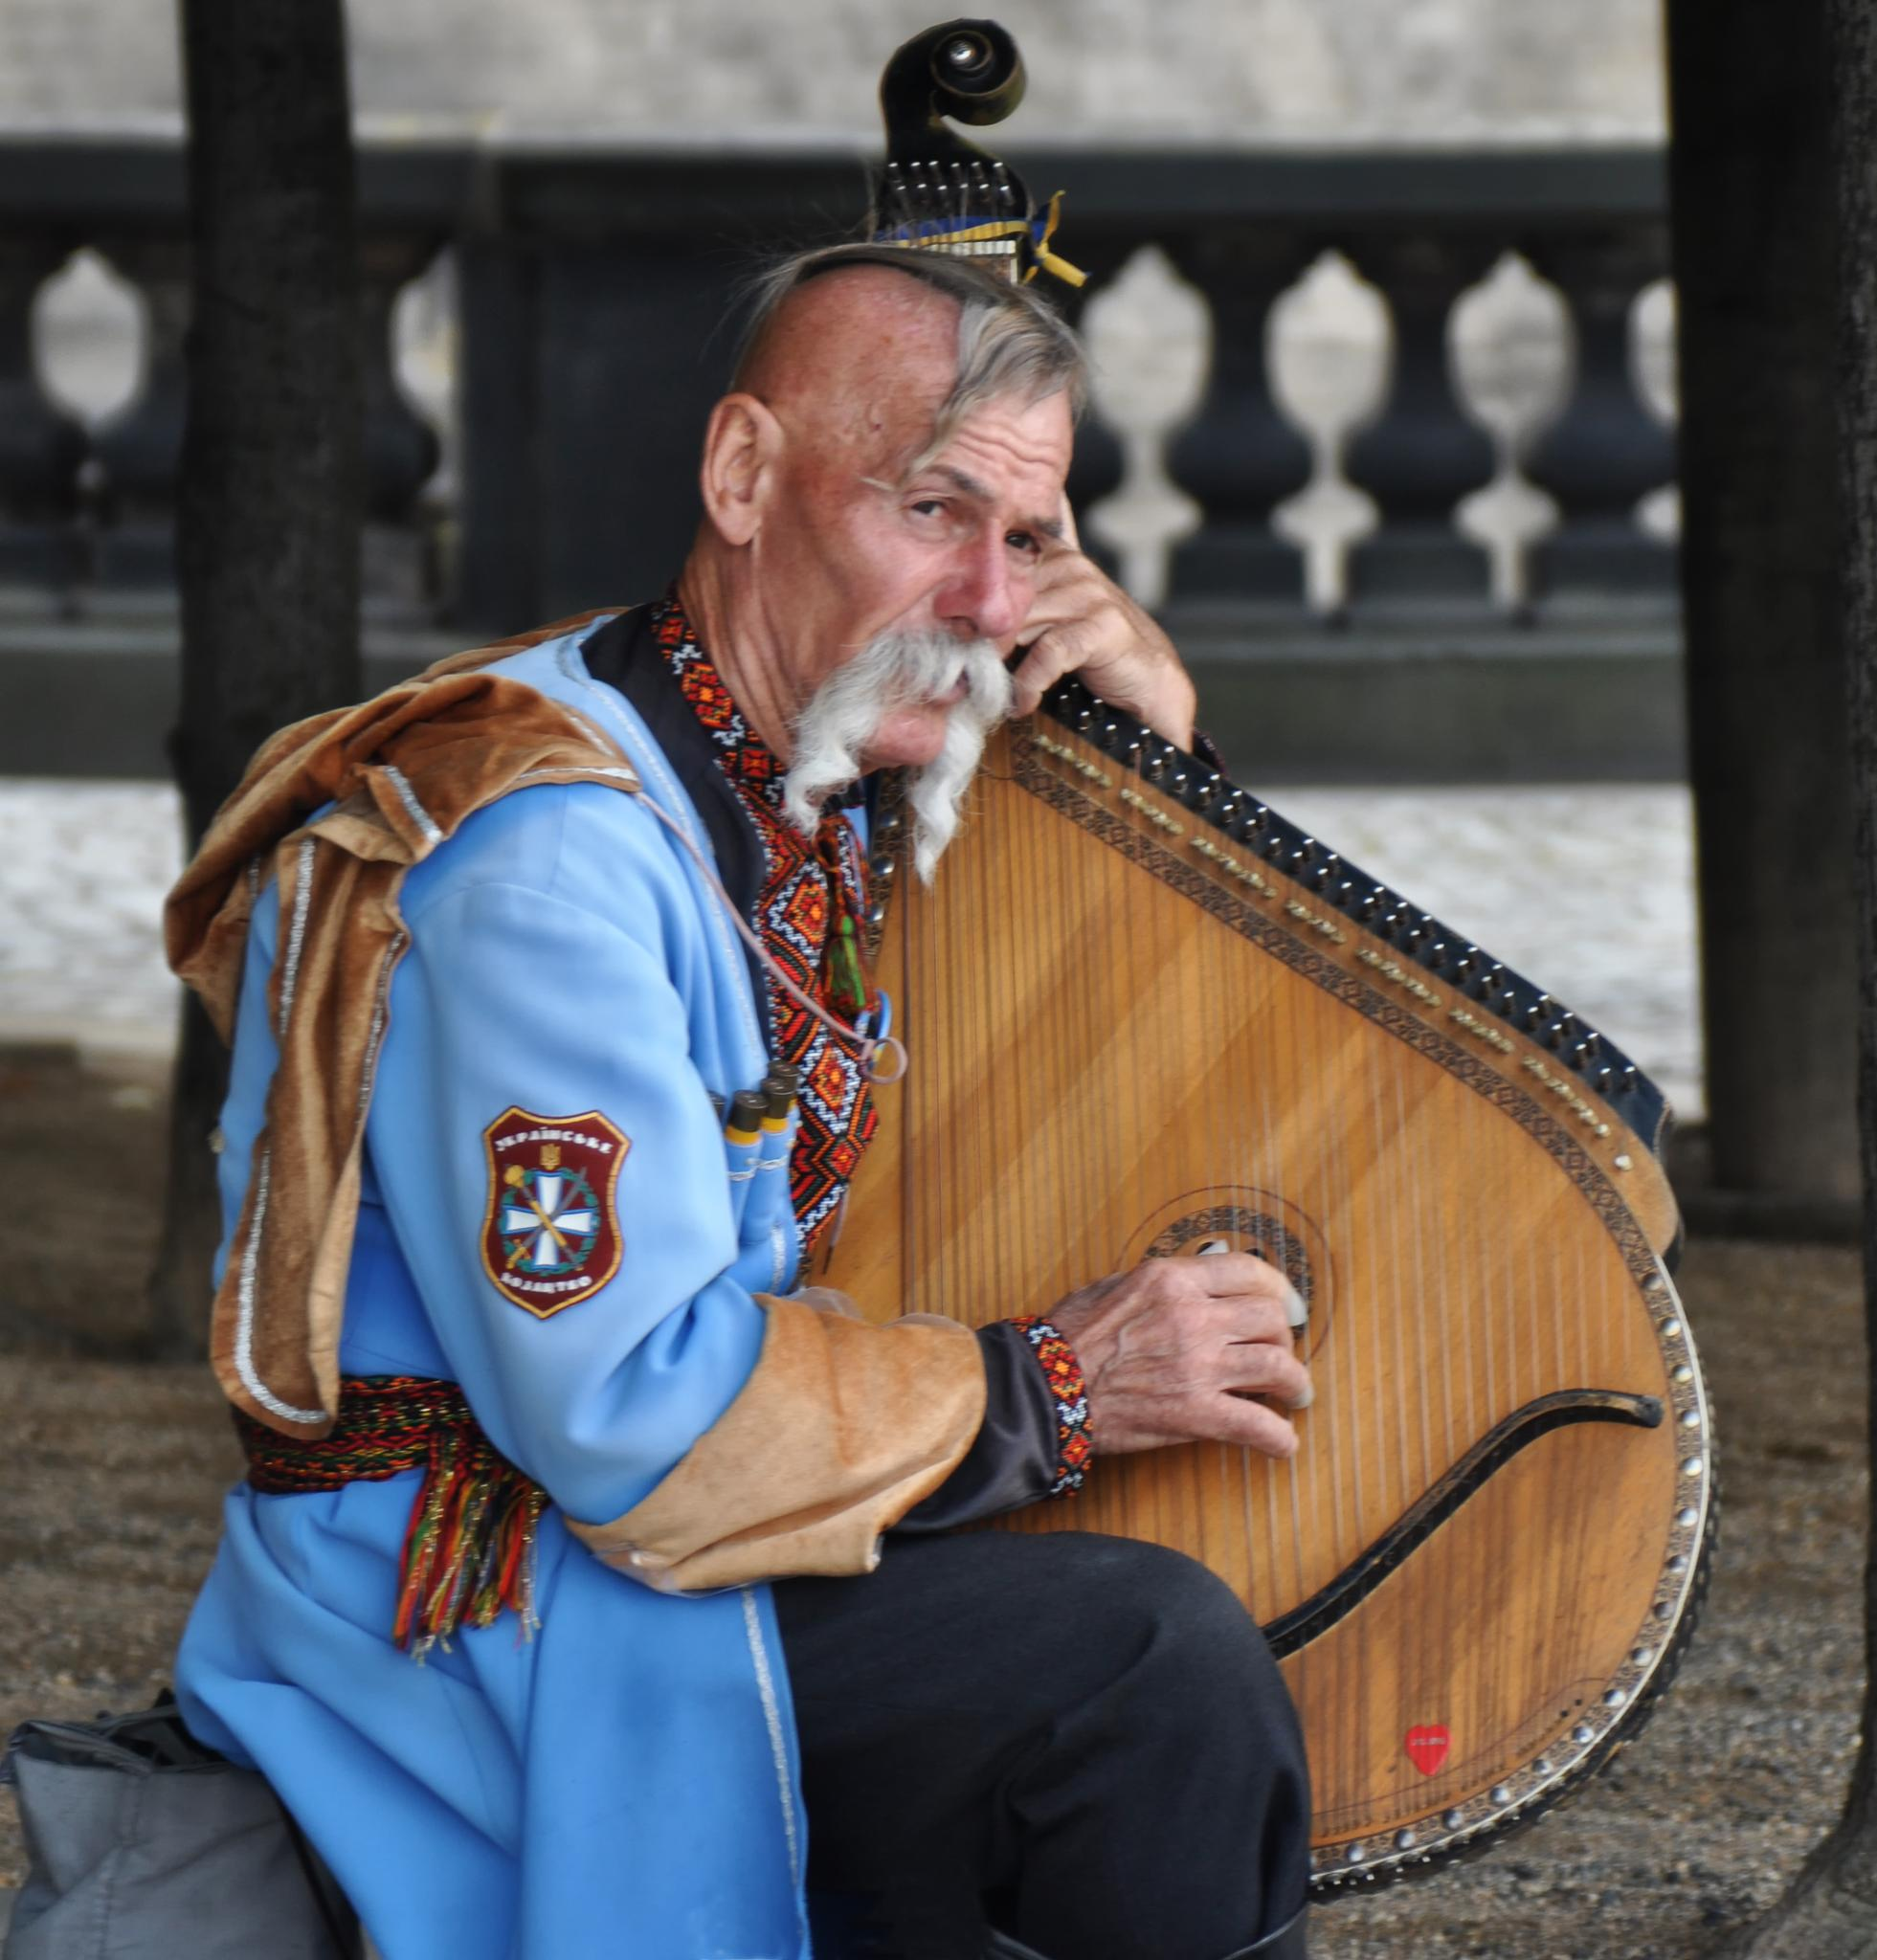 Il musicista di strada - The street musician by andragoli